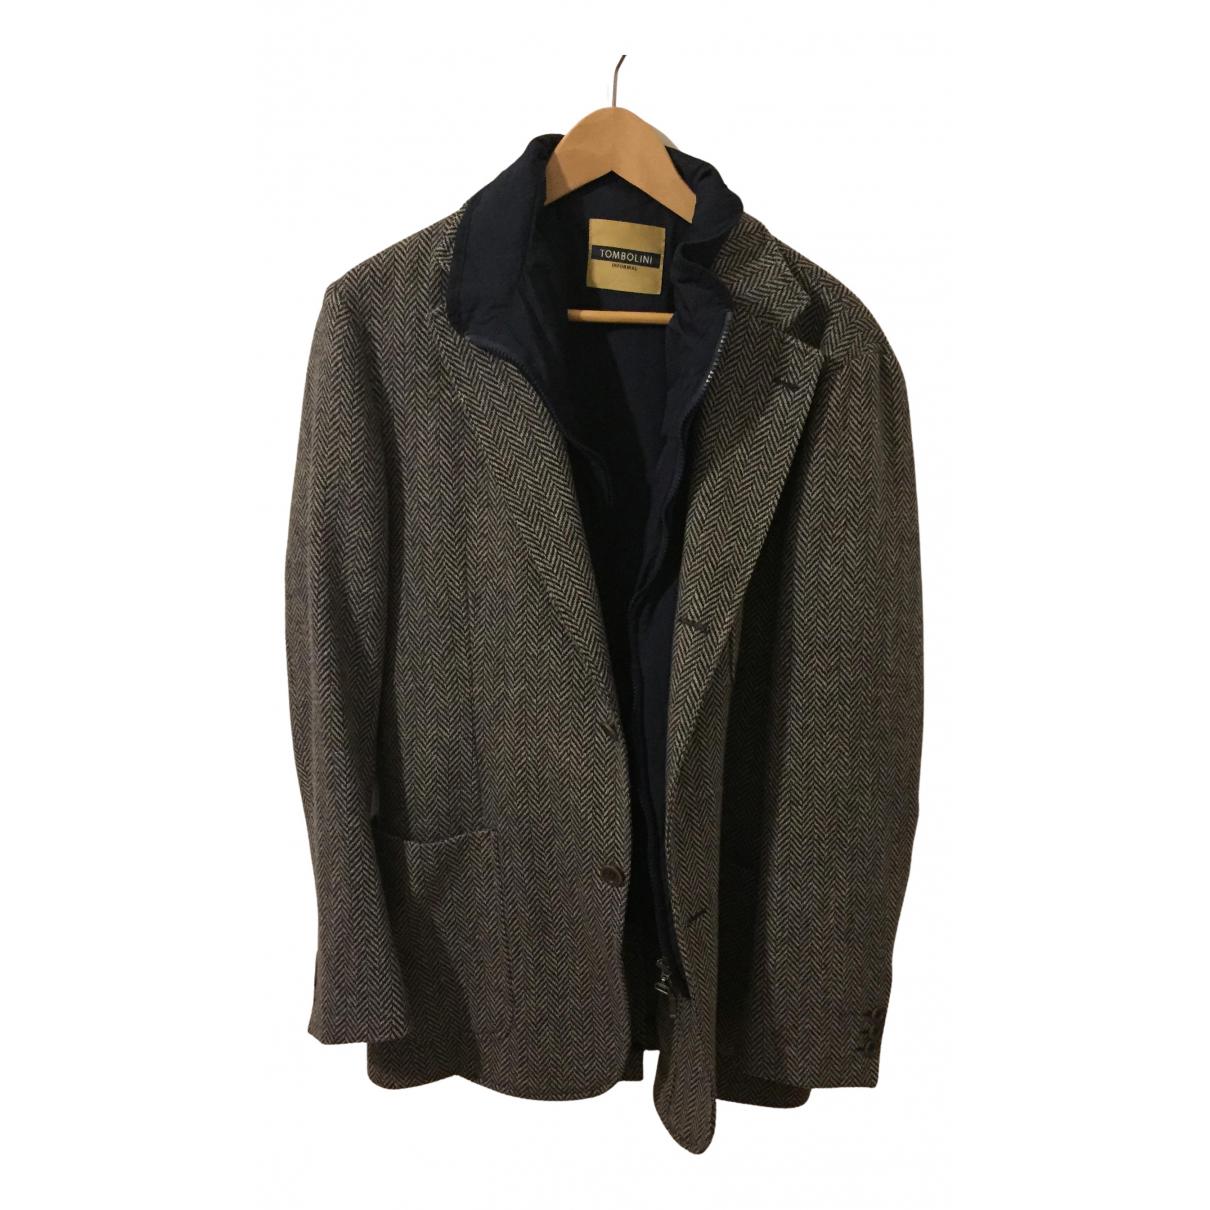 Tombolini - Vestes.Blousons   pour homme en laine - multicolore